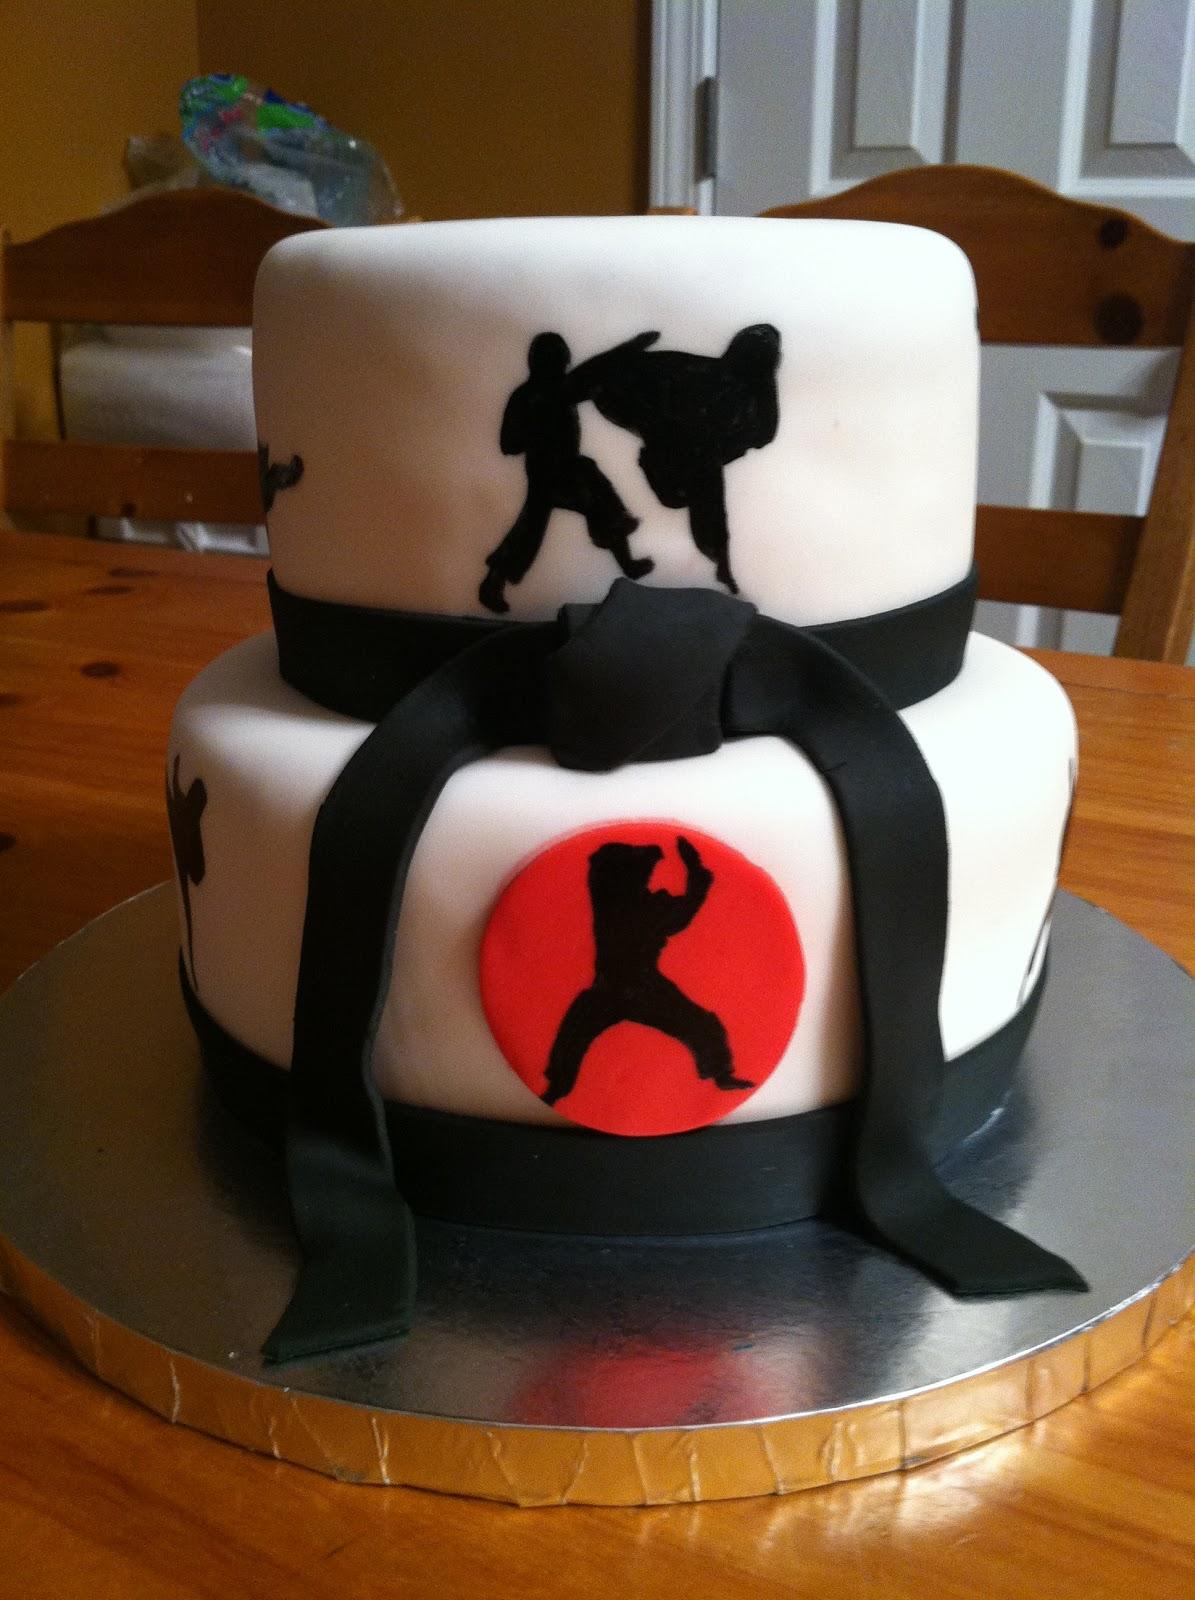 Introducing....: Karate Cakes